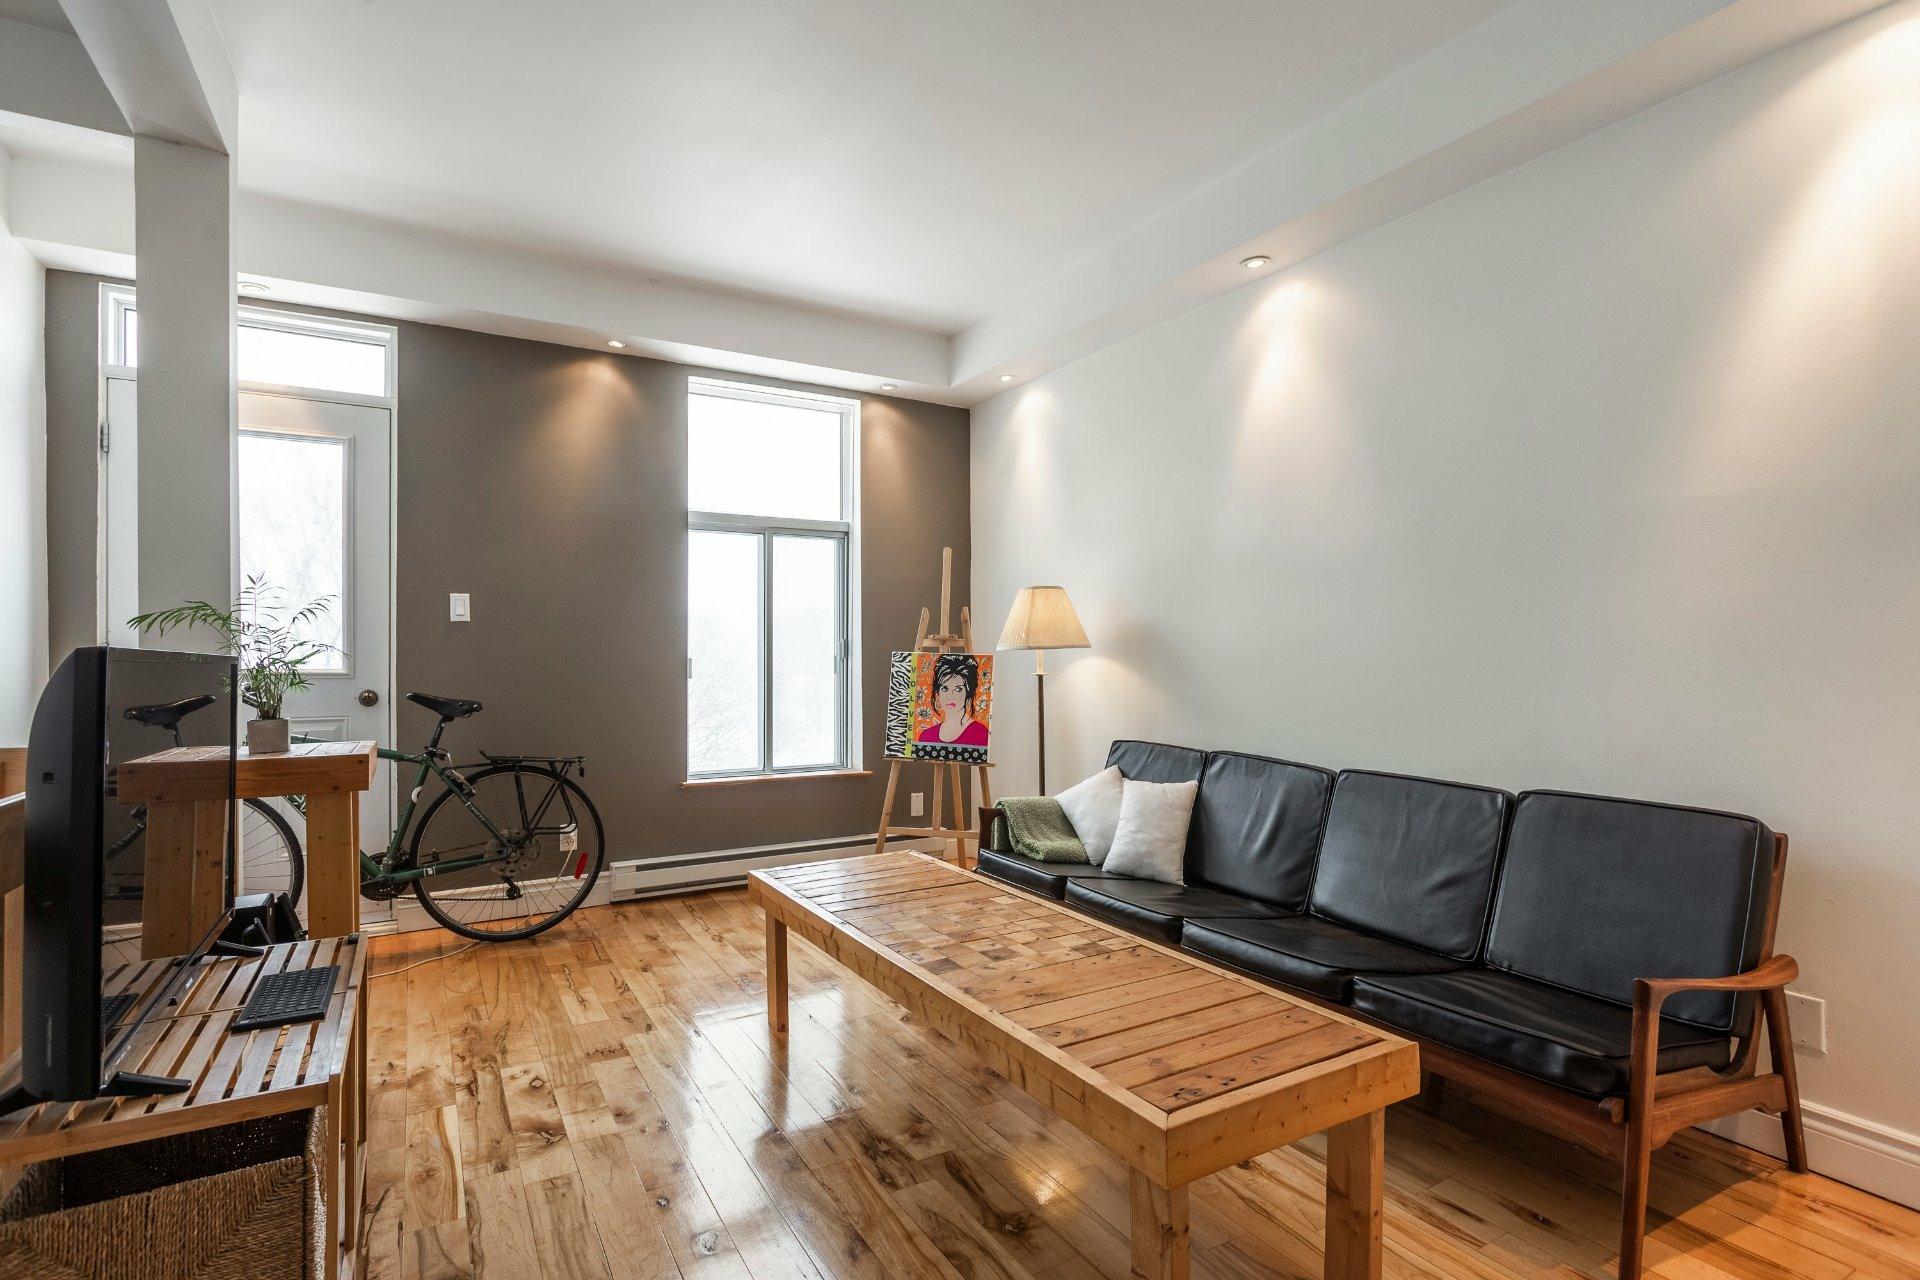 image 2 - Appartement À vendre Montréal Ville-Marie  - 4 pièces